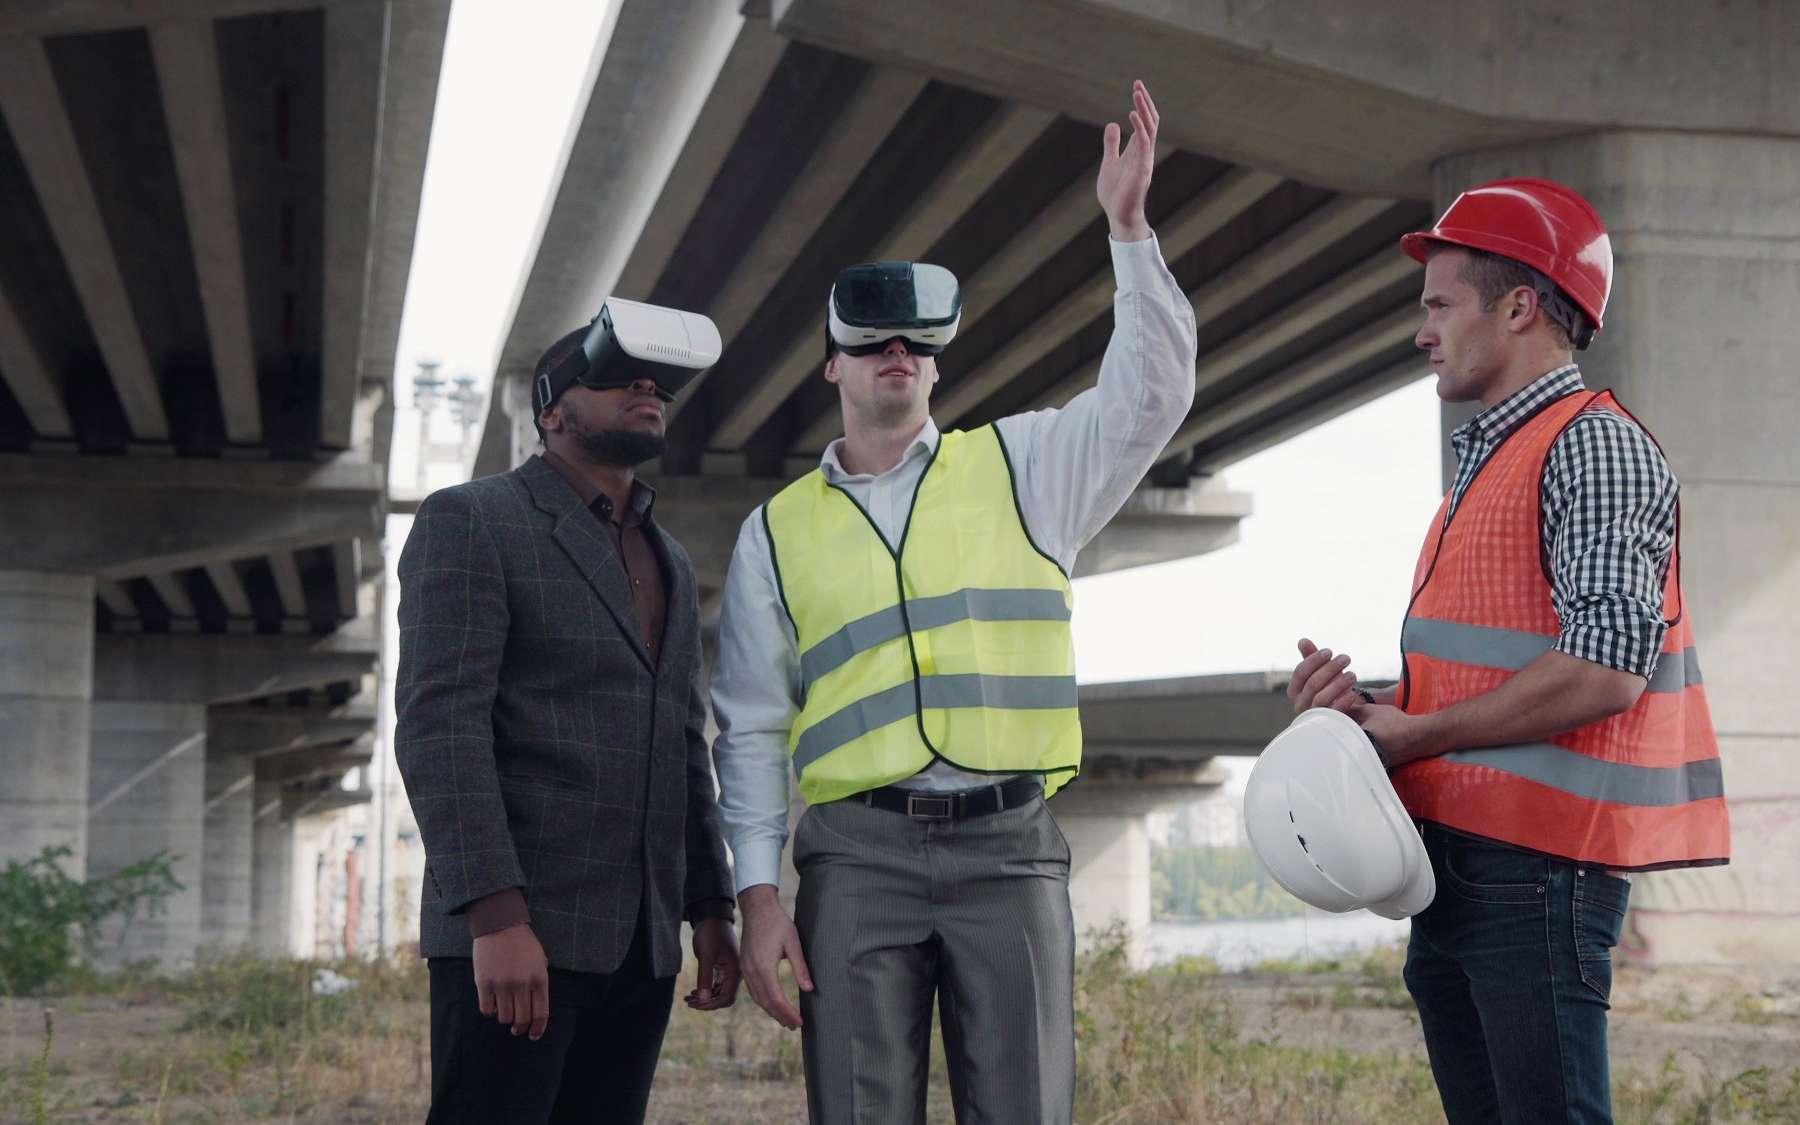 Réalité virtuelle et réalité augmentée : quels usages pour demain ? - Futura